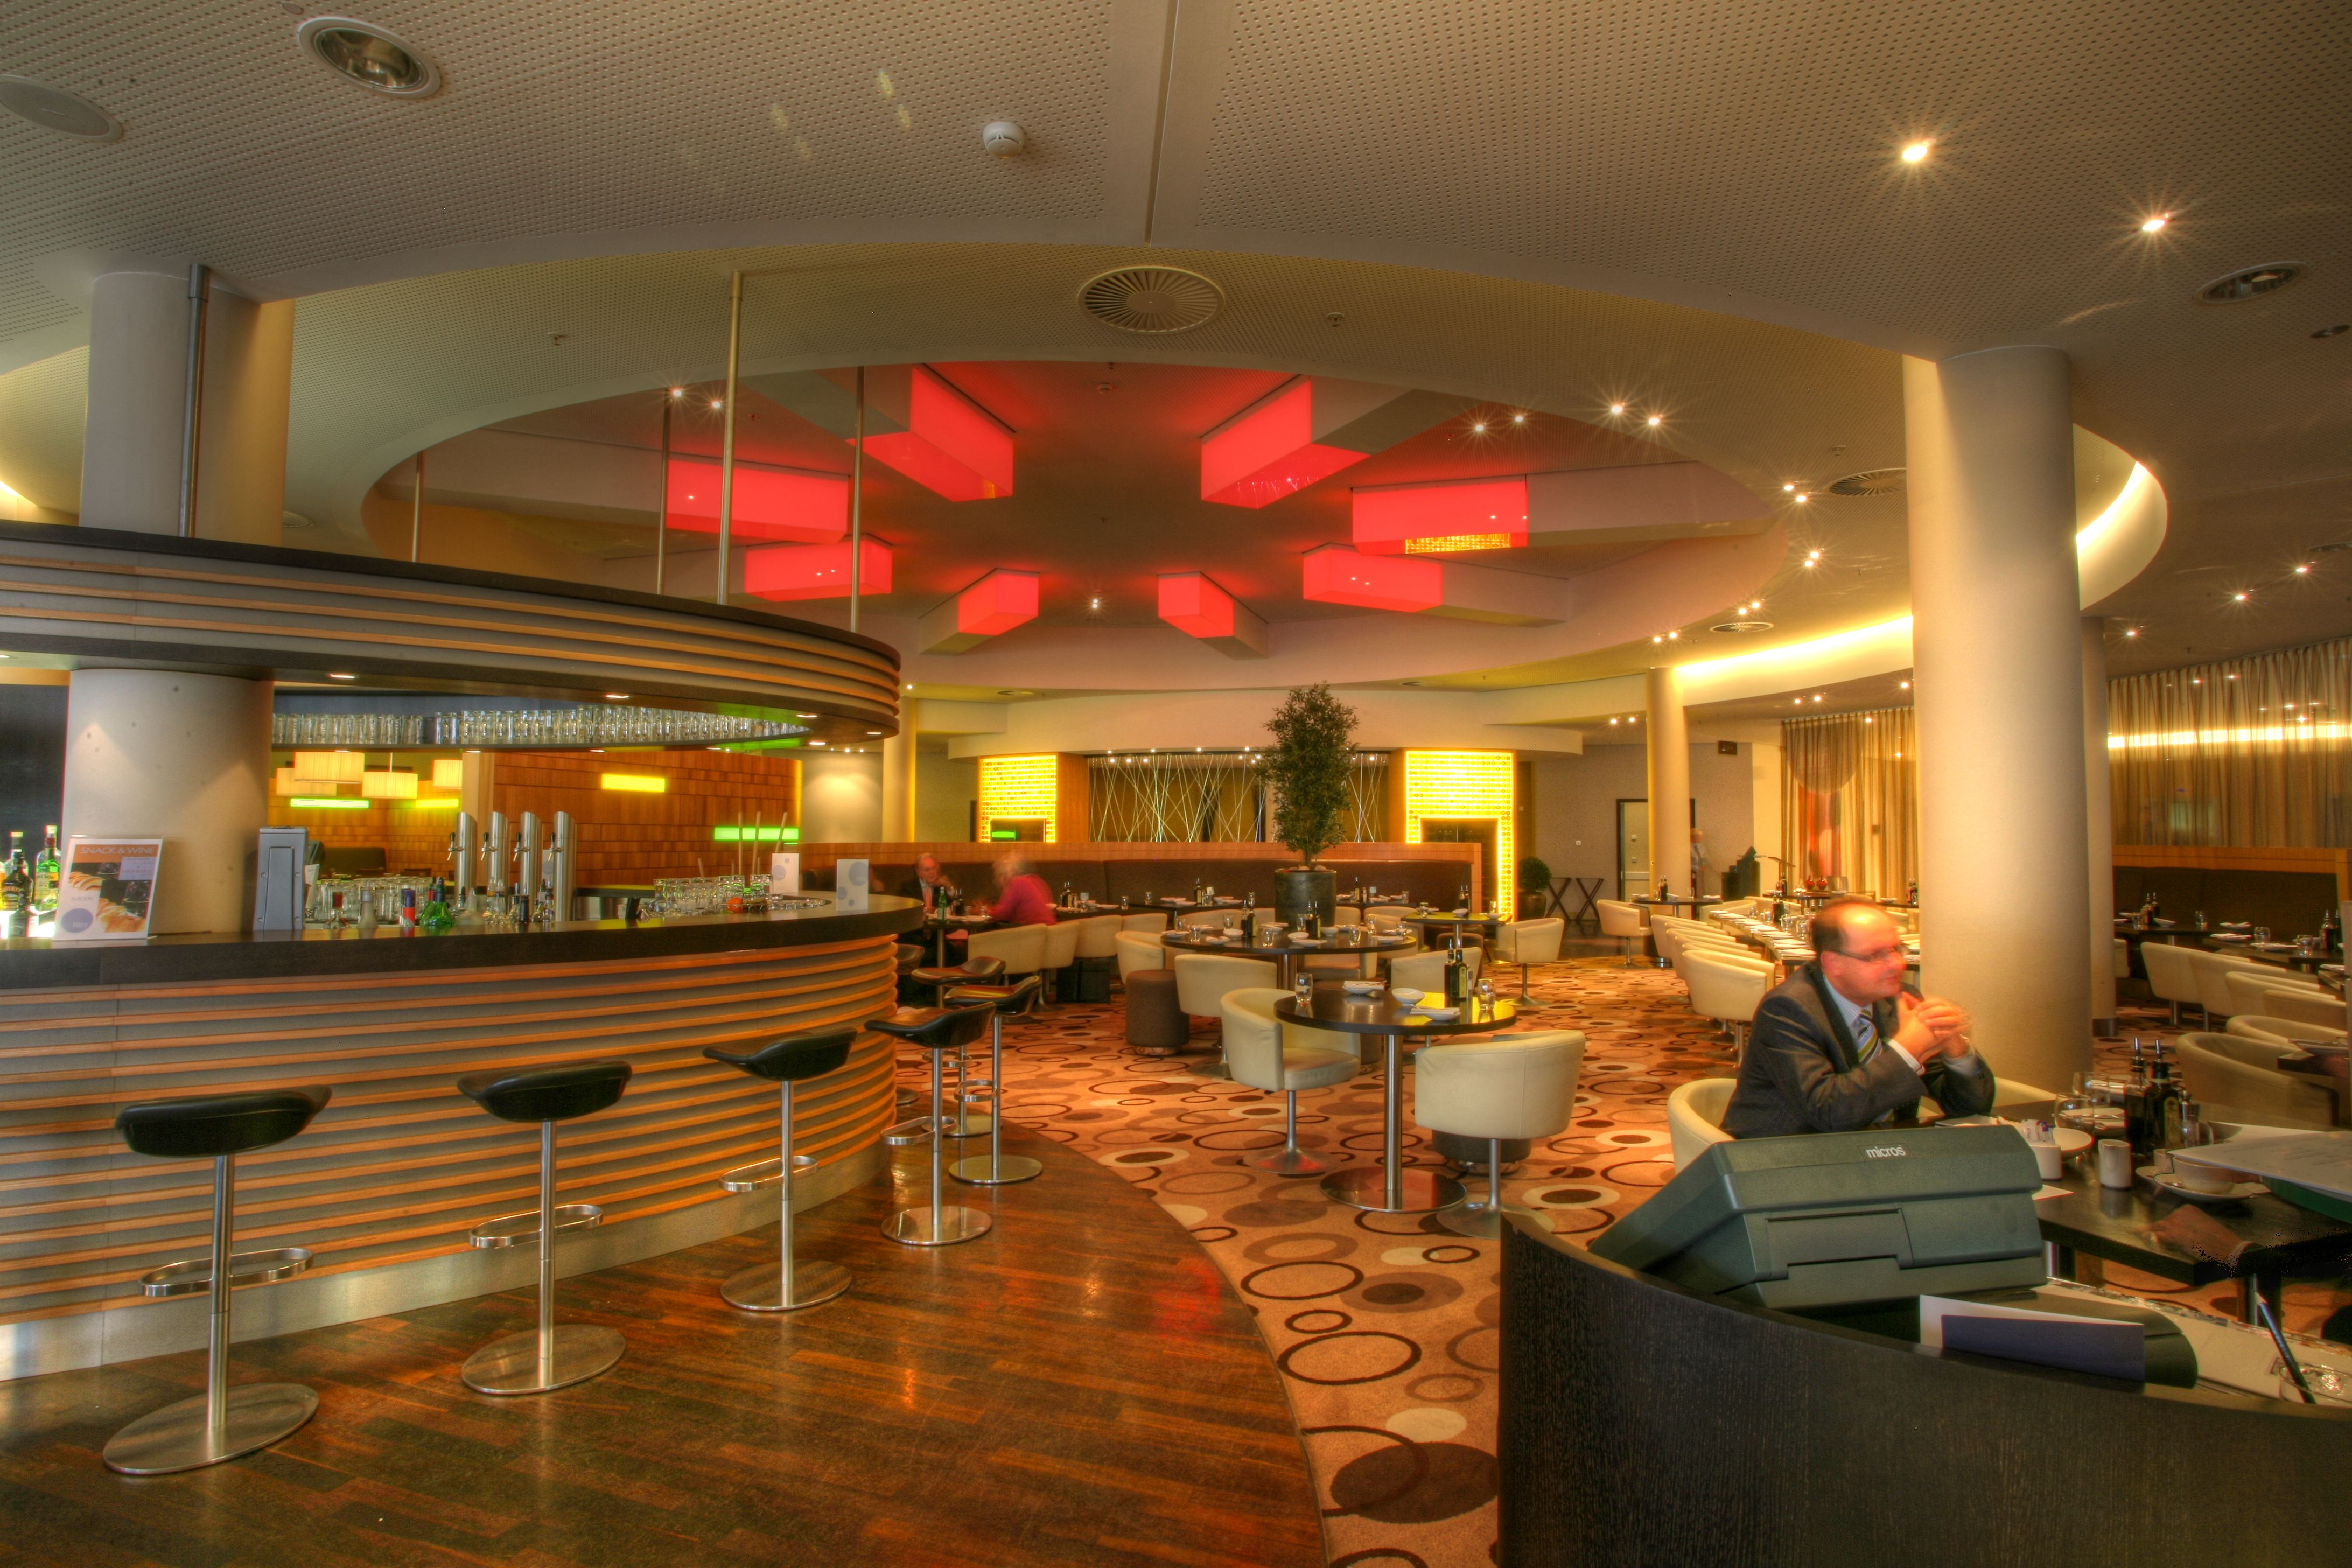 Leuchten Radisson Blue Airport Hotel - Hamburg